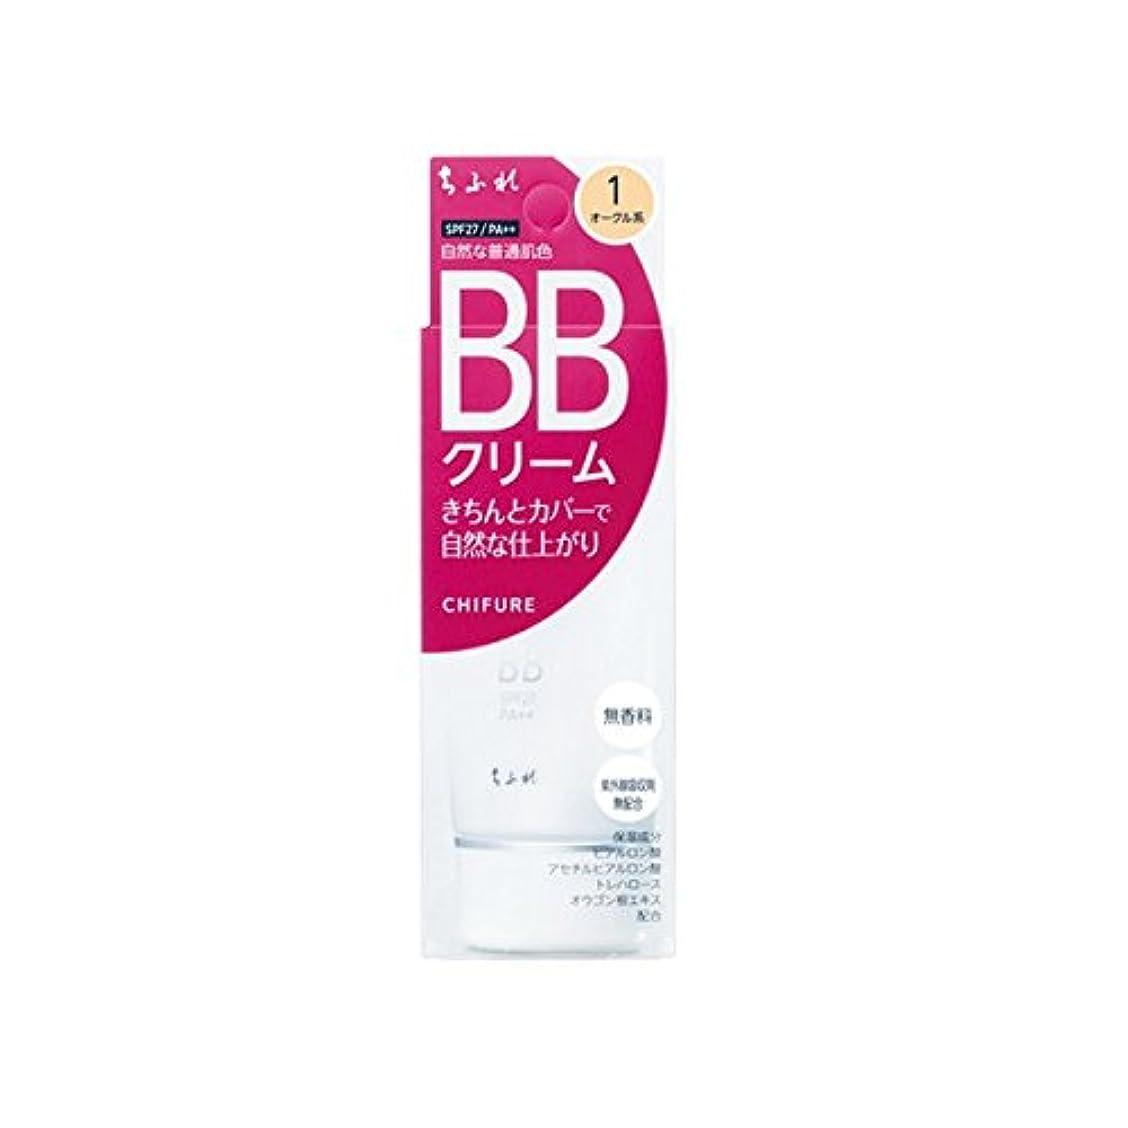 役員有益誕生日ちふれ化粧品 BB クリーム 1 自然な普通肌色 BBクリーム 1